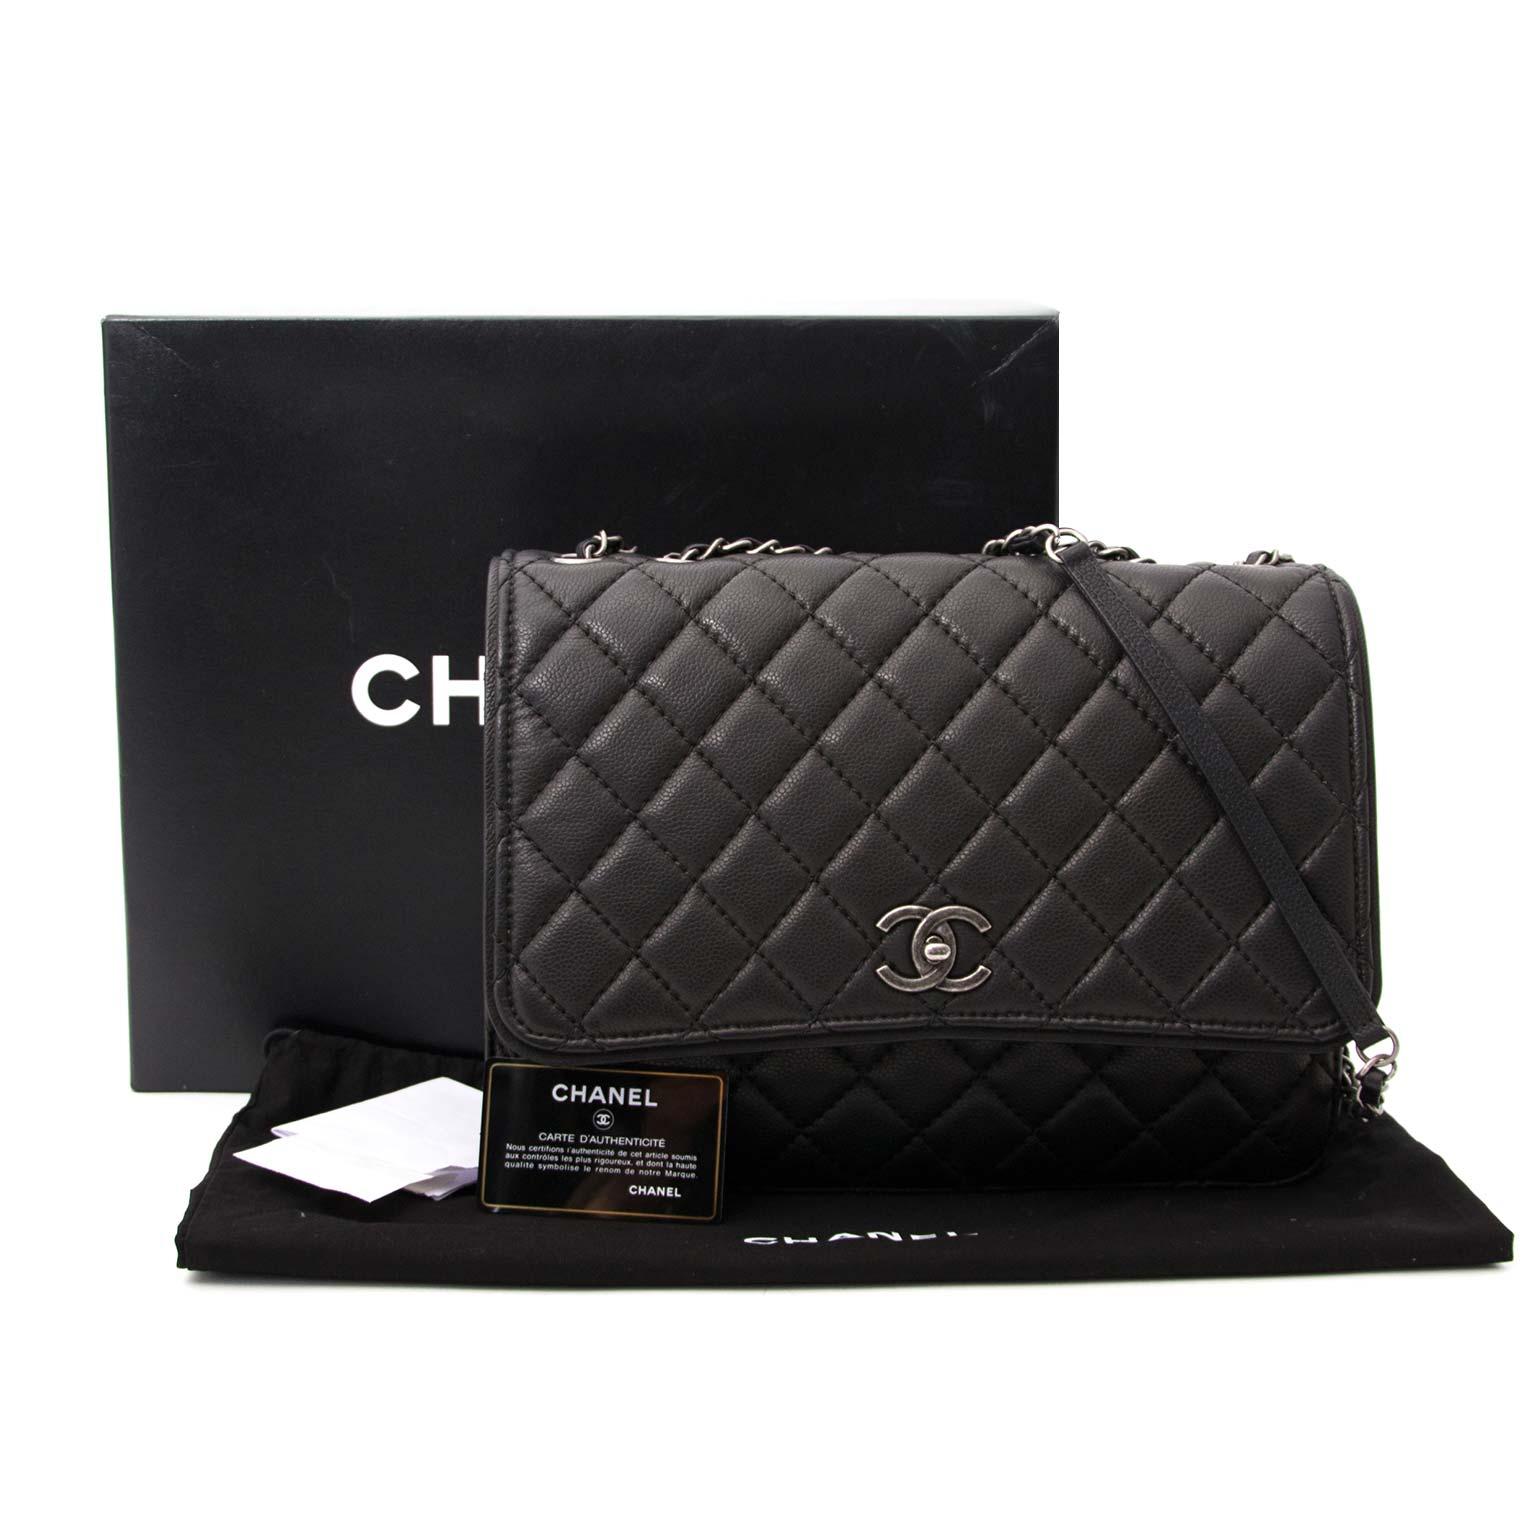 977a66f35d0 ... acheter en linge seconde main Chanel Black Caviar 3 Bag pour le  meilleur prix